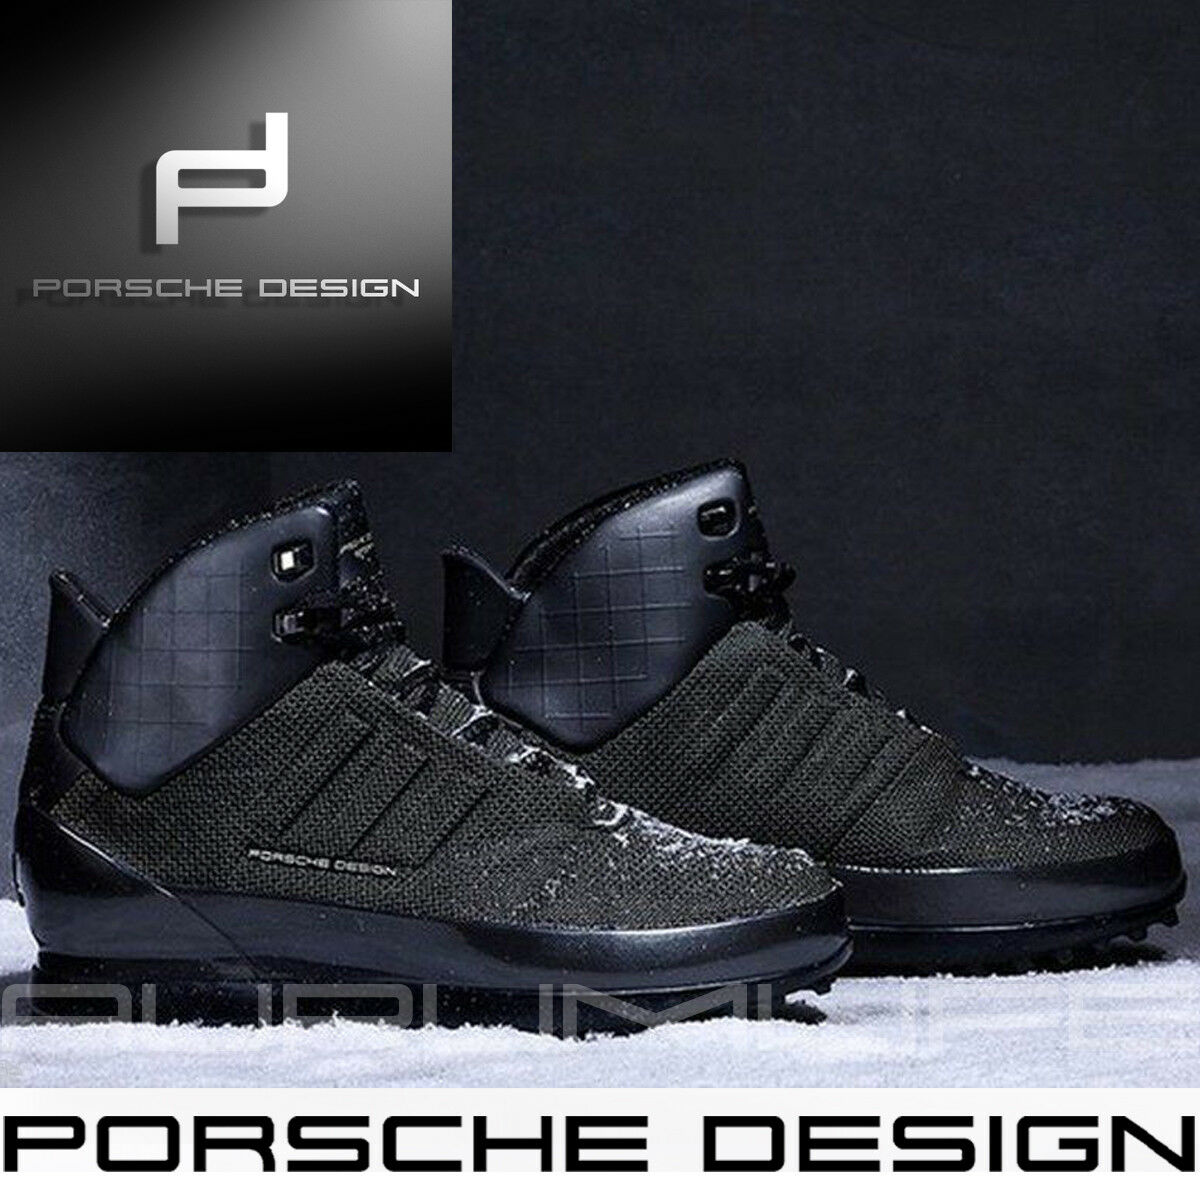 Adidas Porsche Design Zapatos para hombre de invierno Negro Kevlar rebote Tech Bota Negro invierno 9 10. 5 8 af9bc4